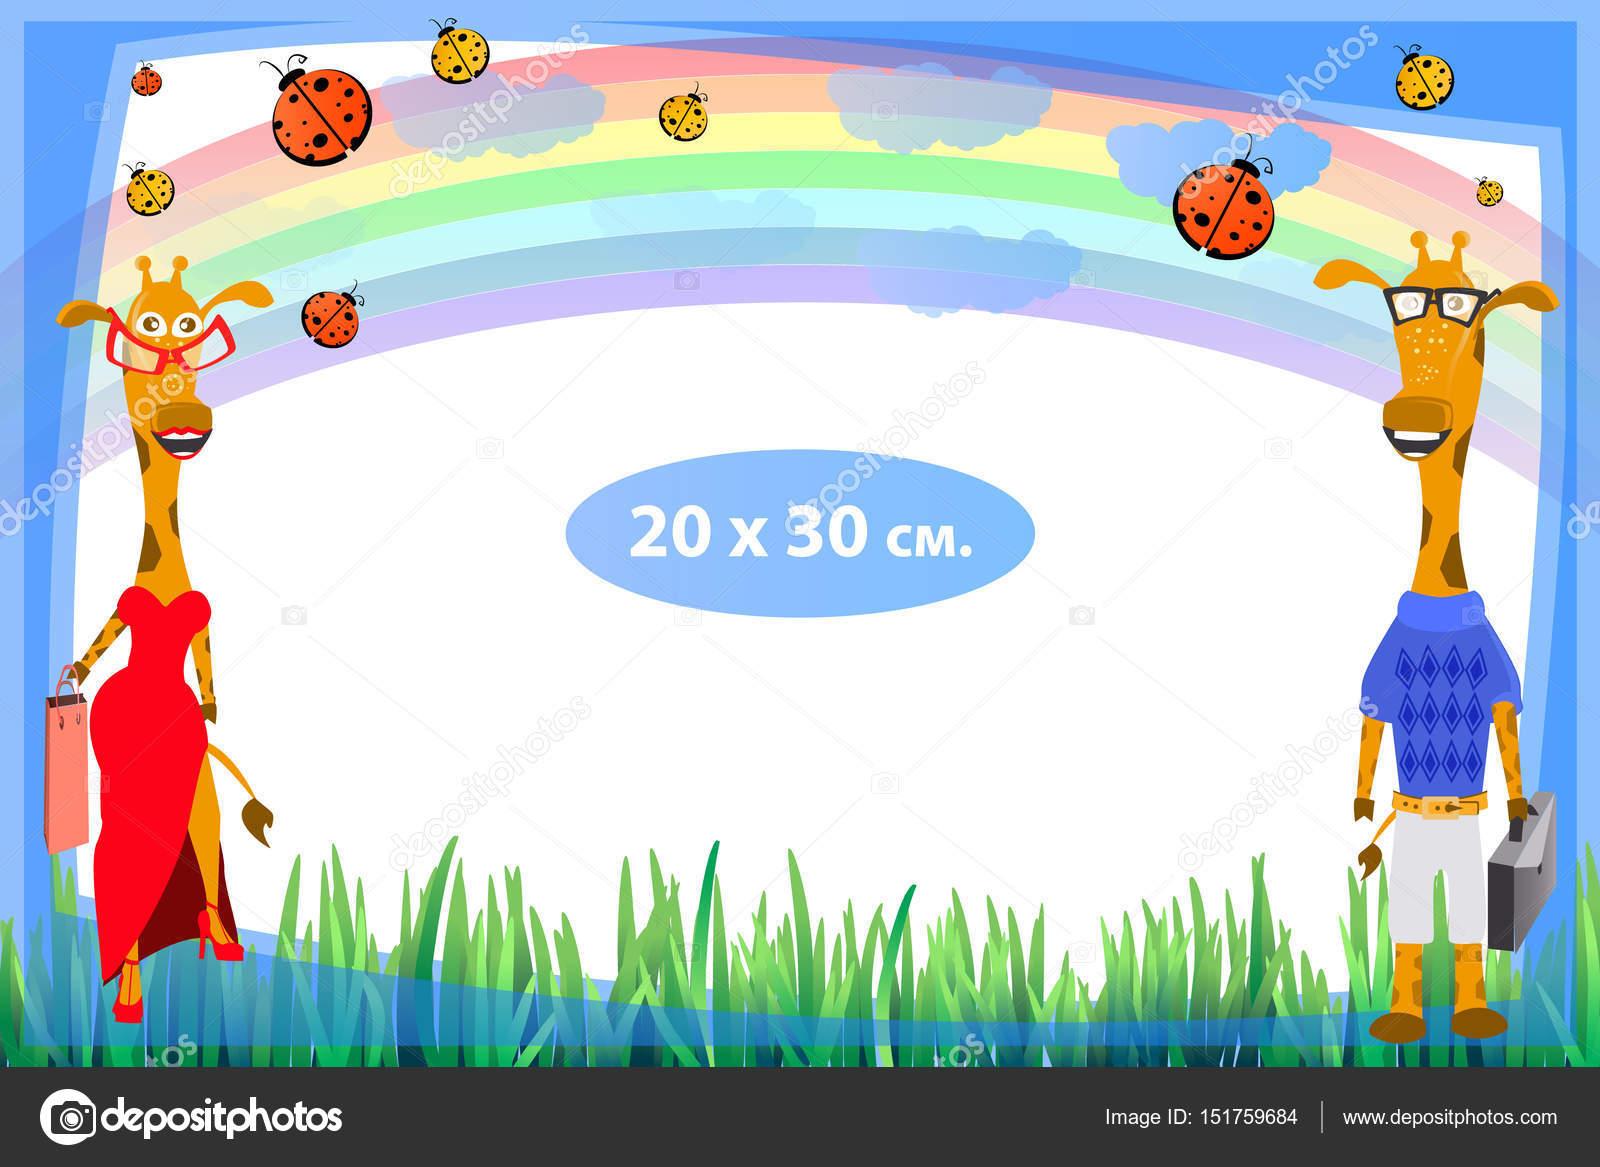 Marco de fotos para un niño. Ilustraciones para diseño — Vector de ...